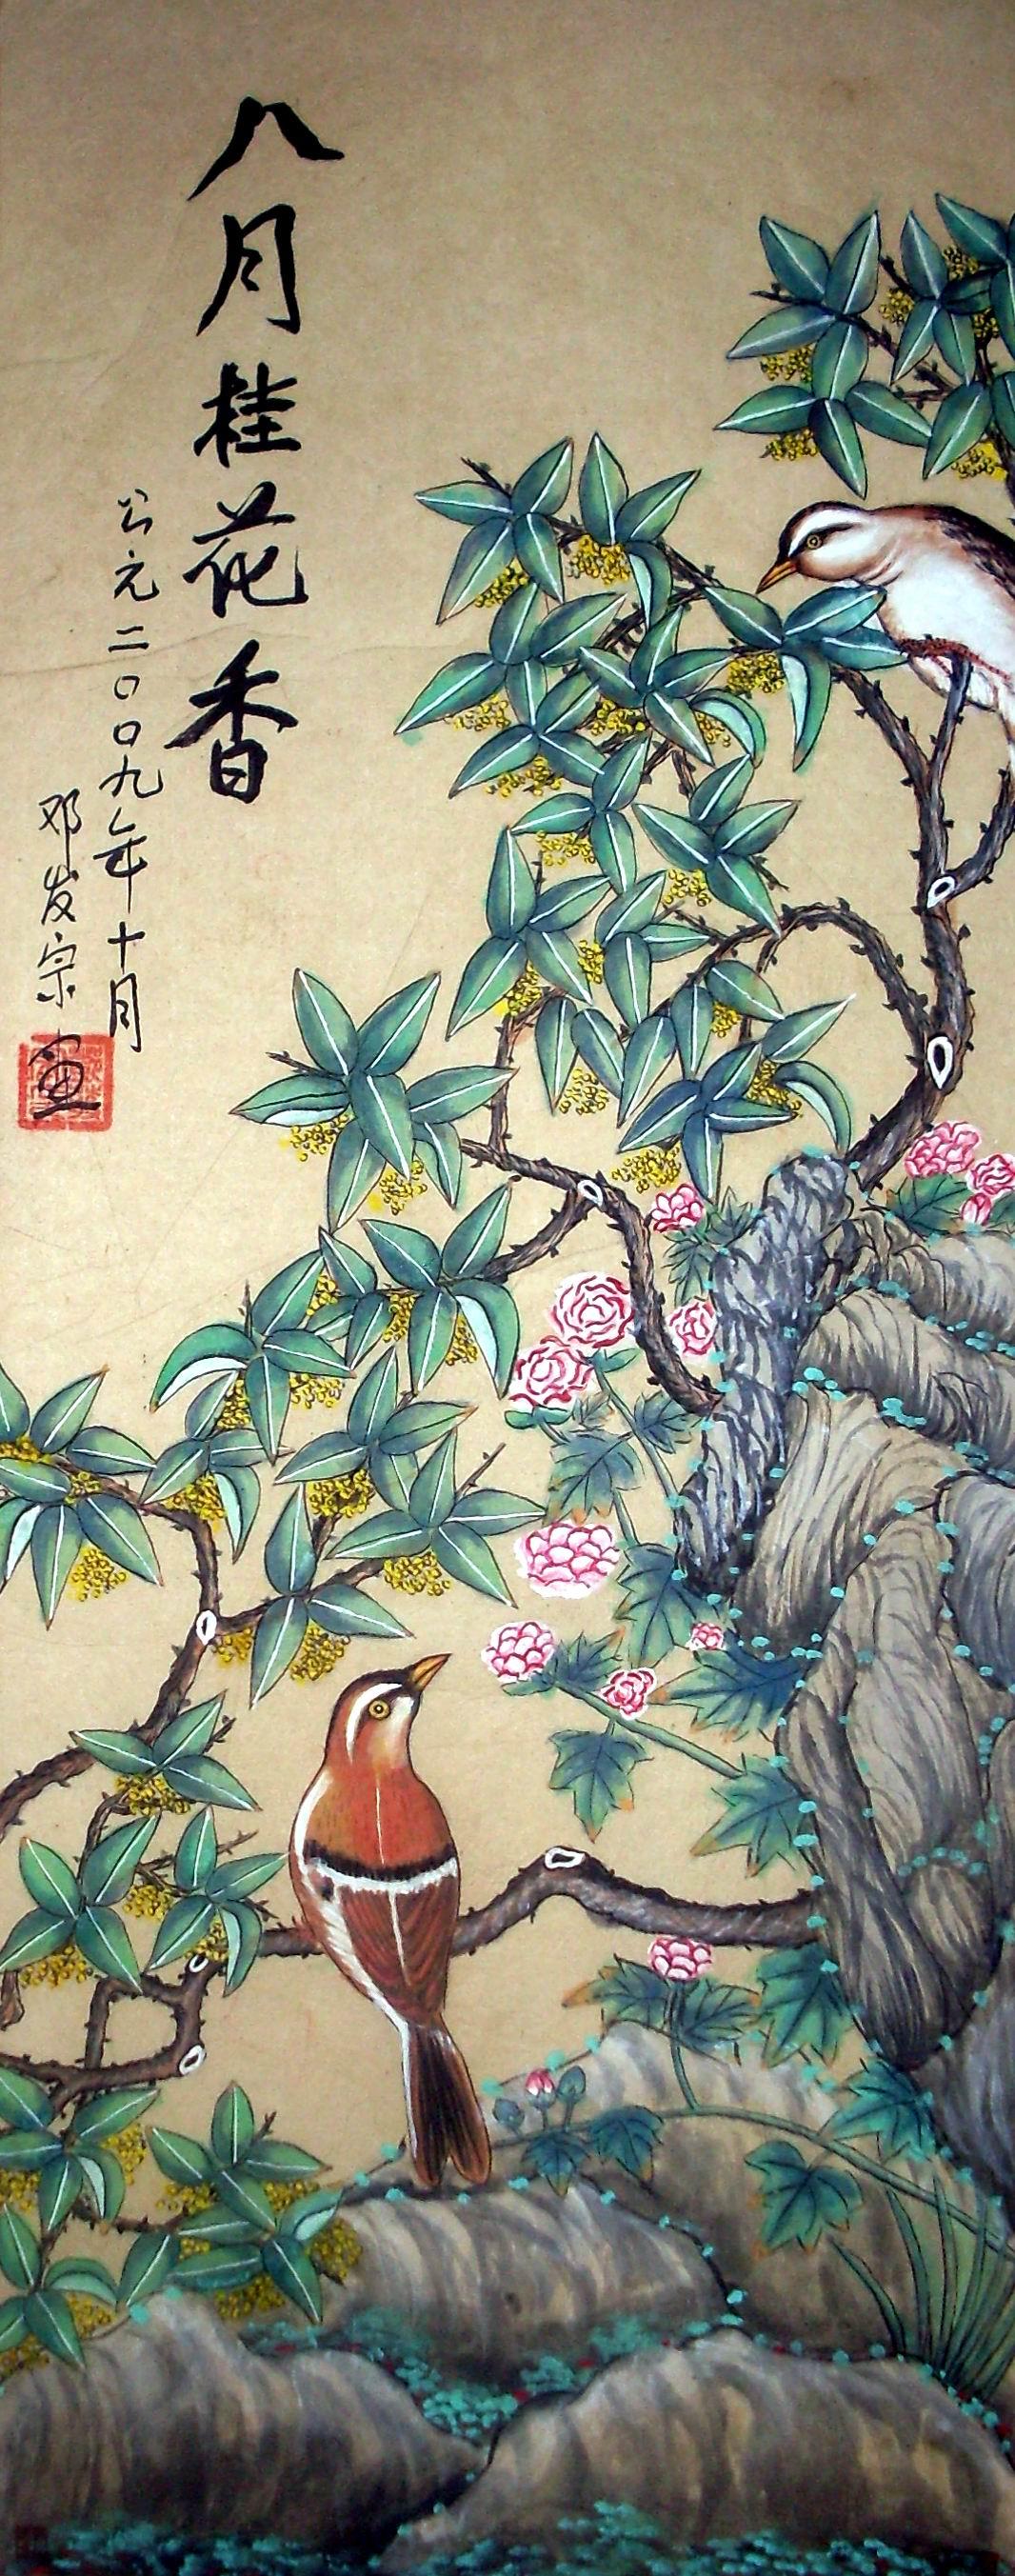 中国书画 国画 工笔画 > 八月桂花香